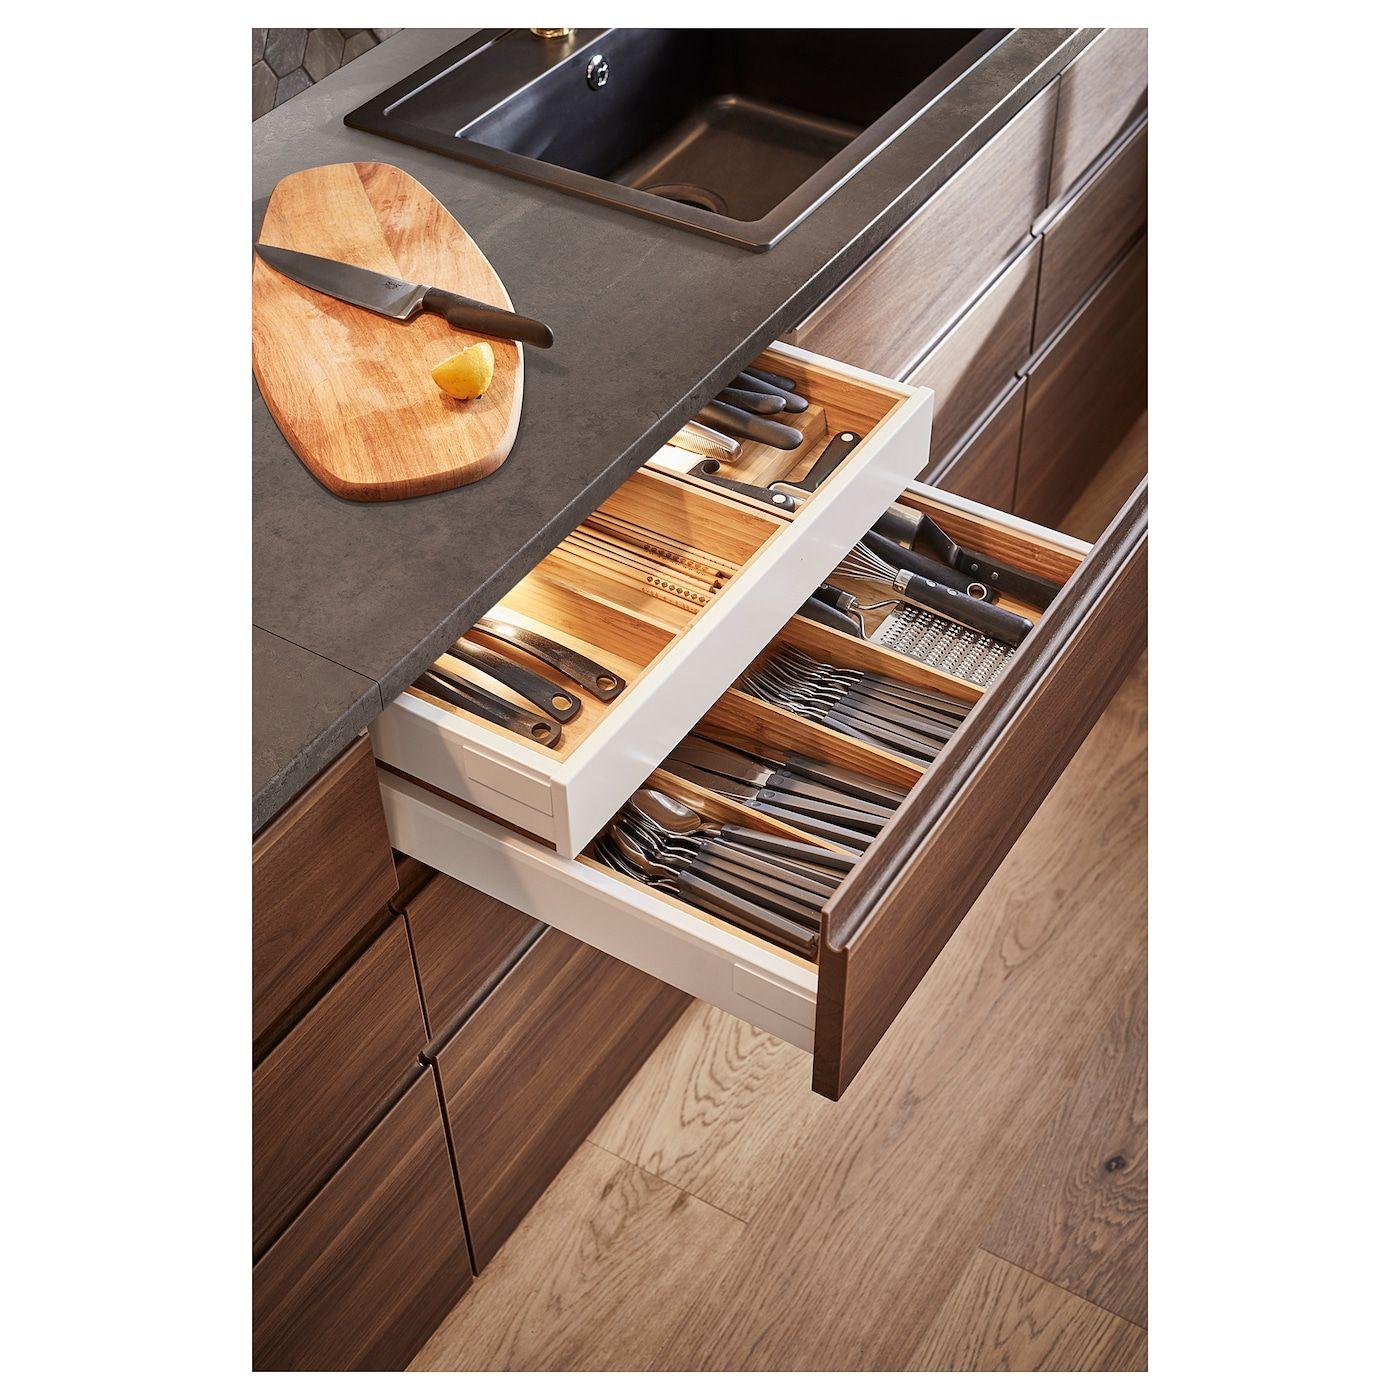 Ekbacken Massarbeitsplatte Betonmuster Laminat Ikea Osterreich In 2020 Laminat Arbeitsplatte Kuchen Styling